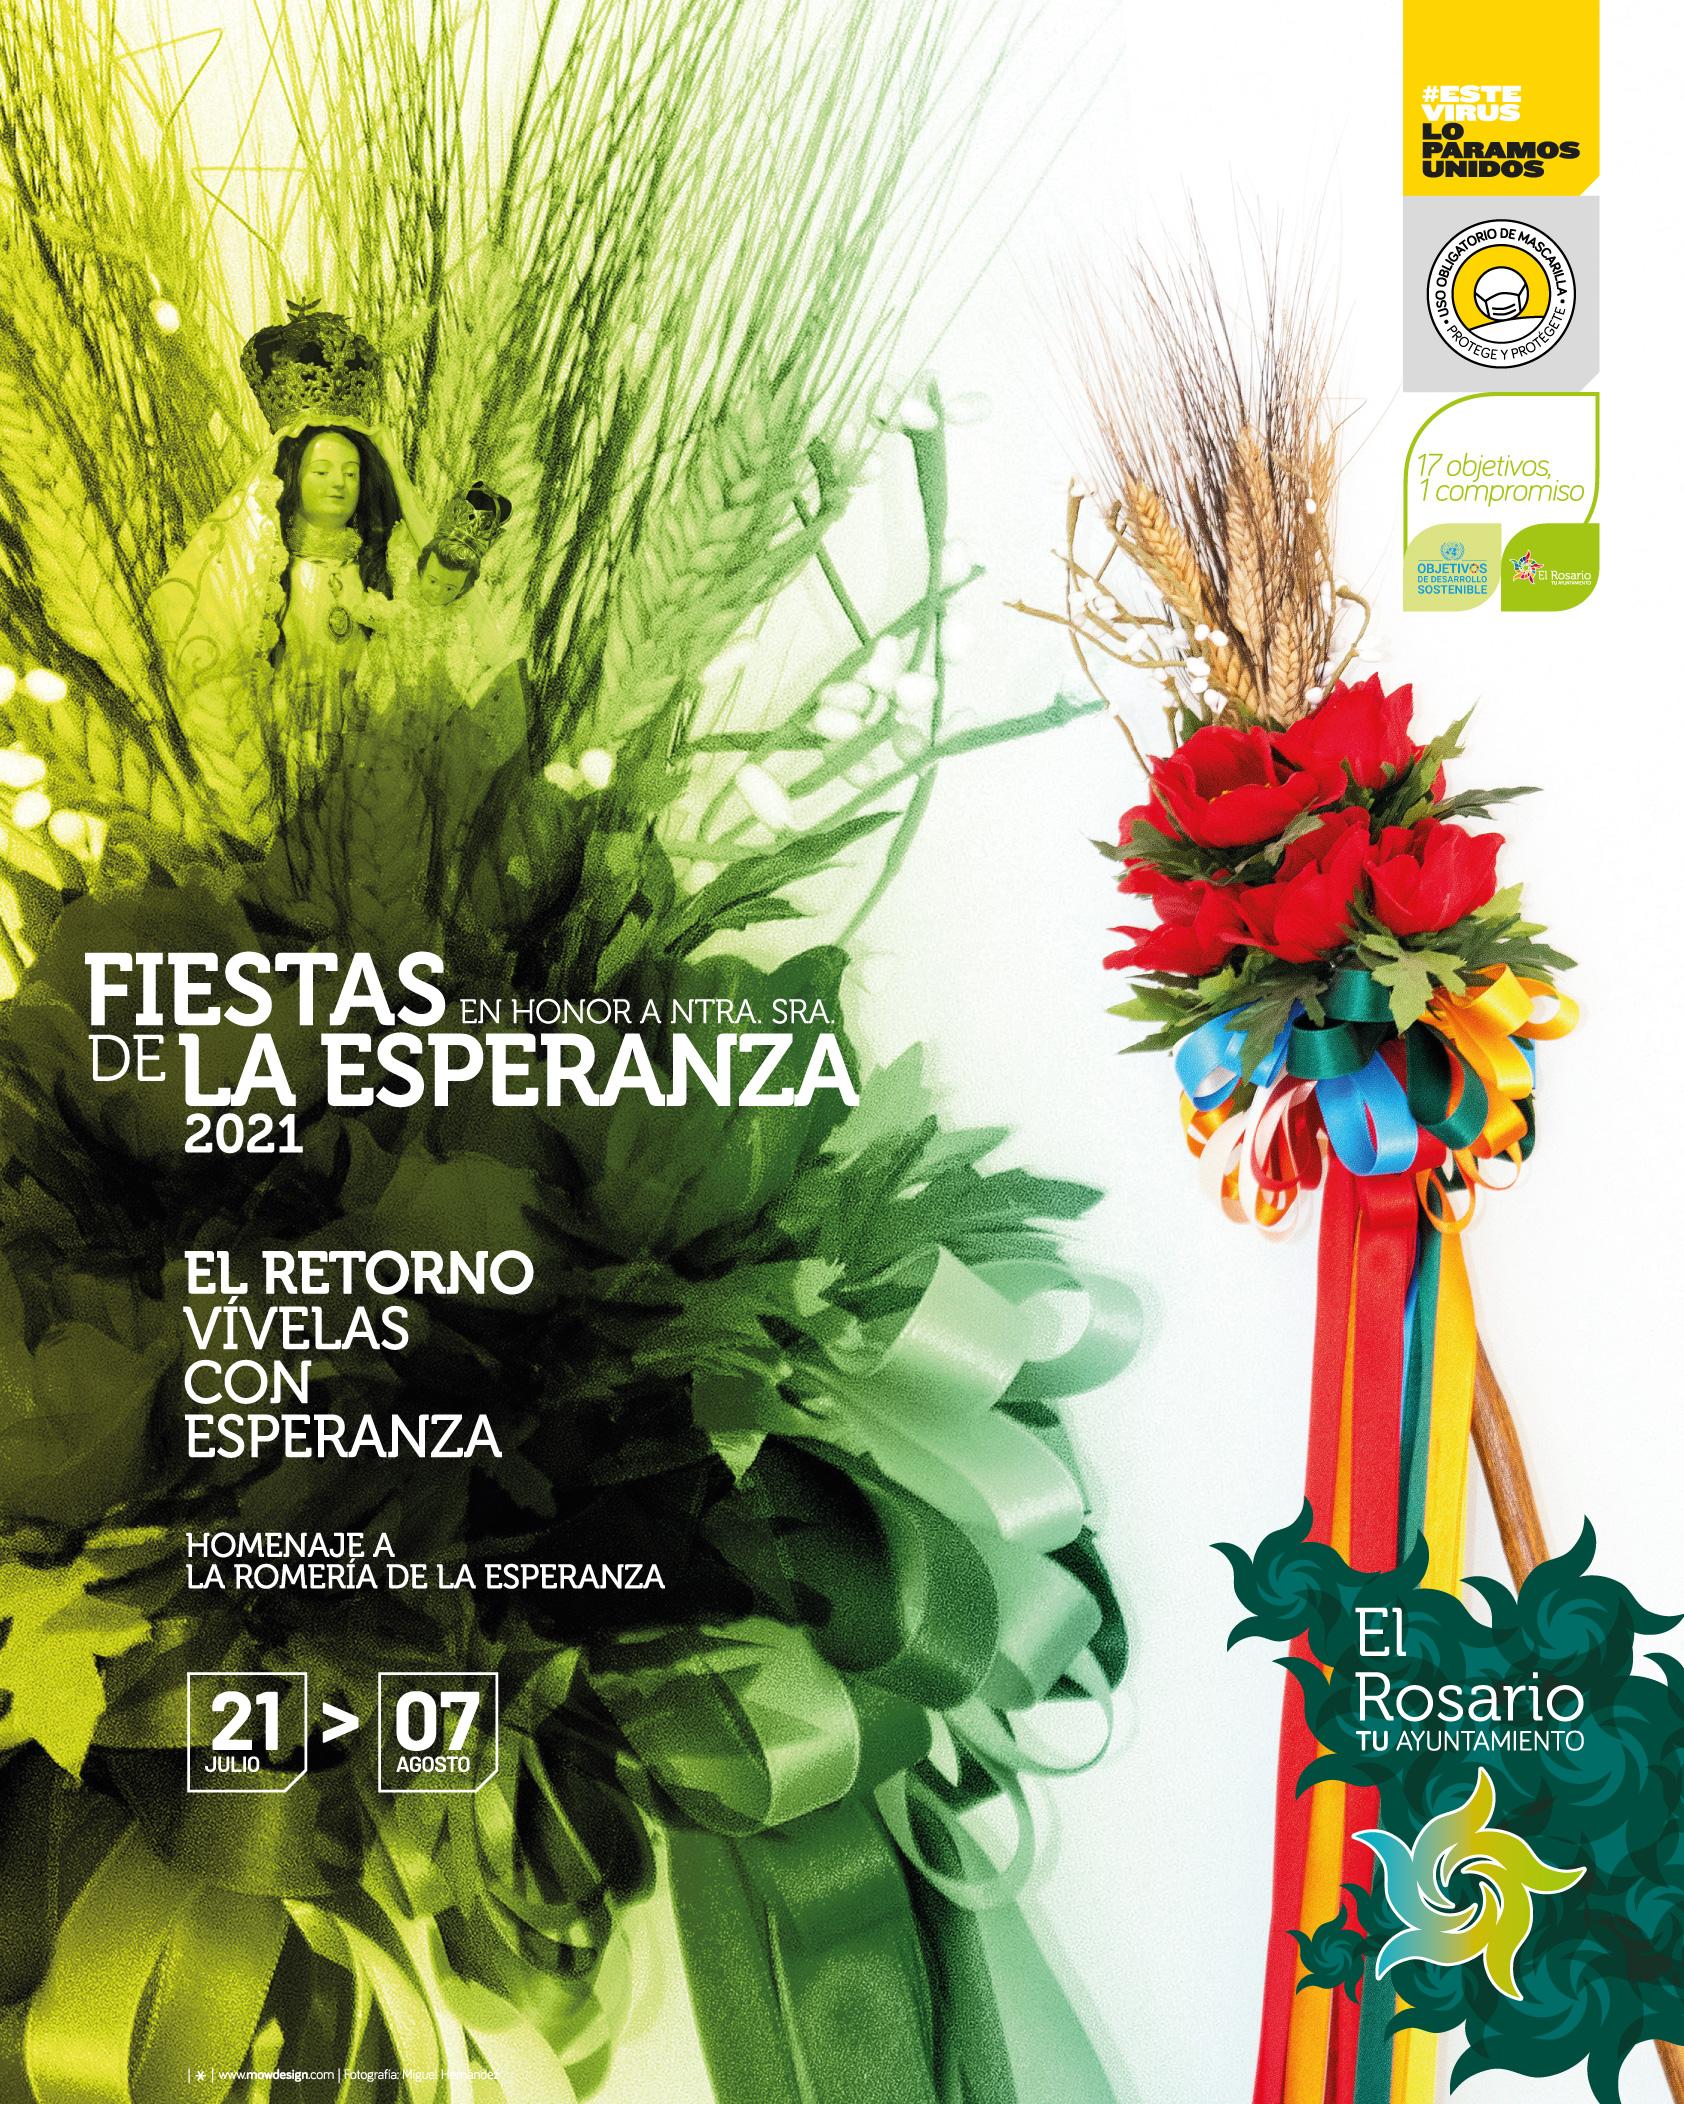 FIESTAS_LA_ESPERANZA_2021-20210721-CARTEL_A3-20210714-01af-redes